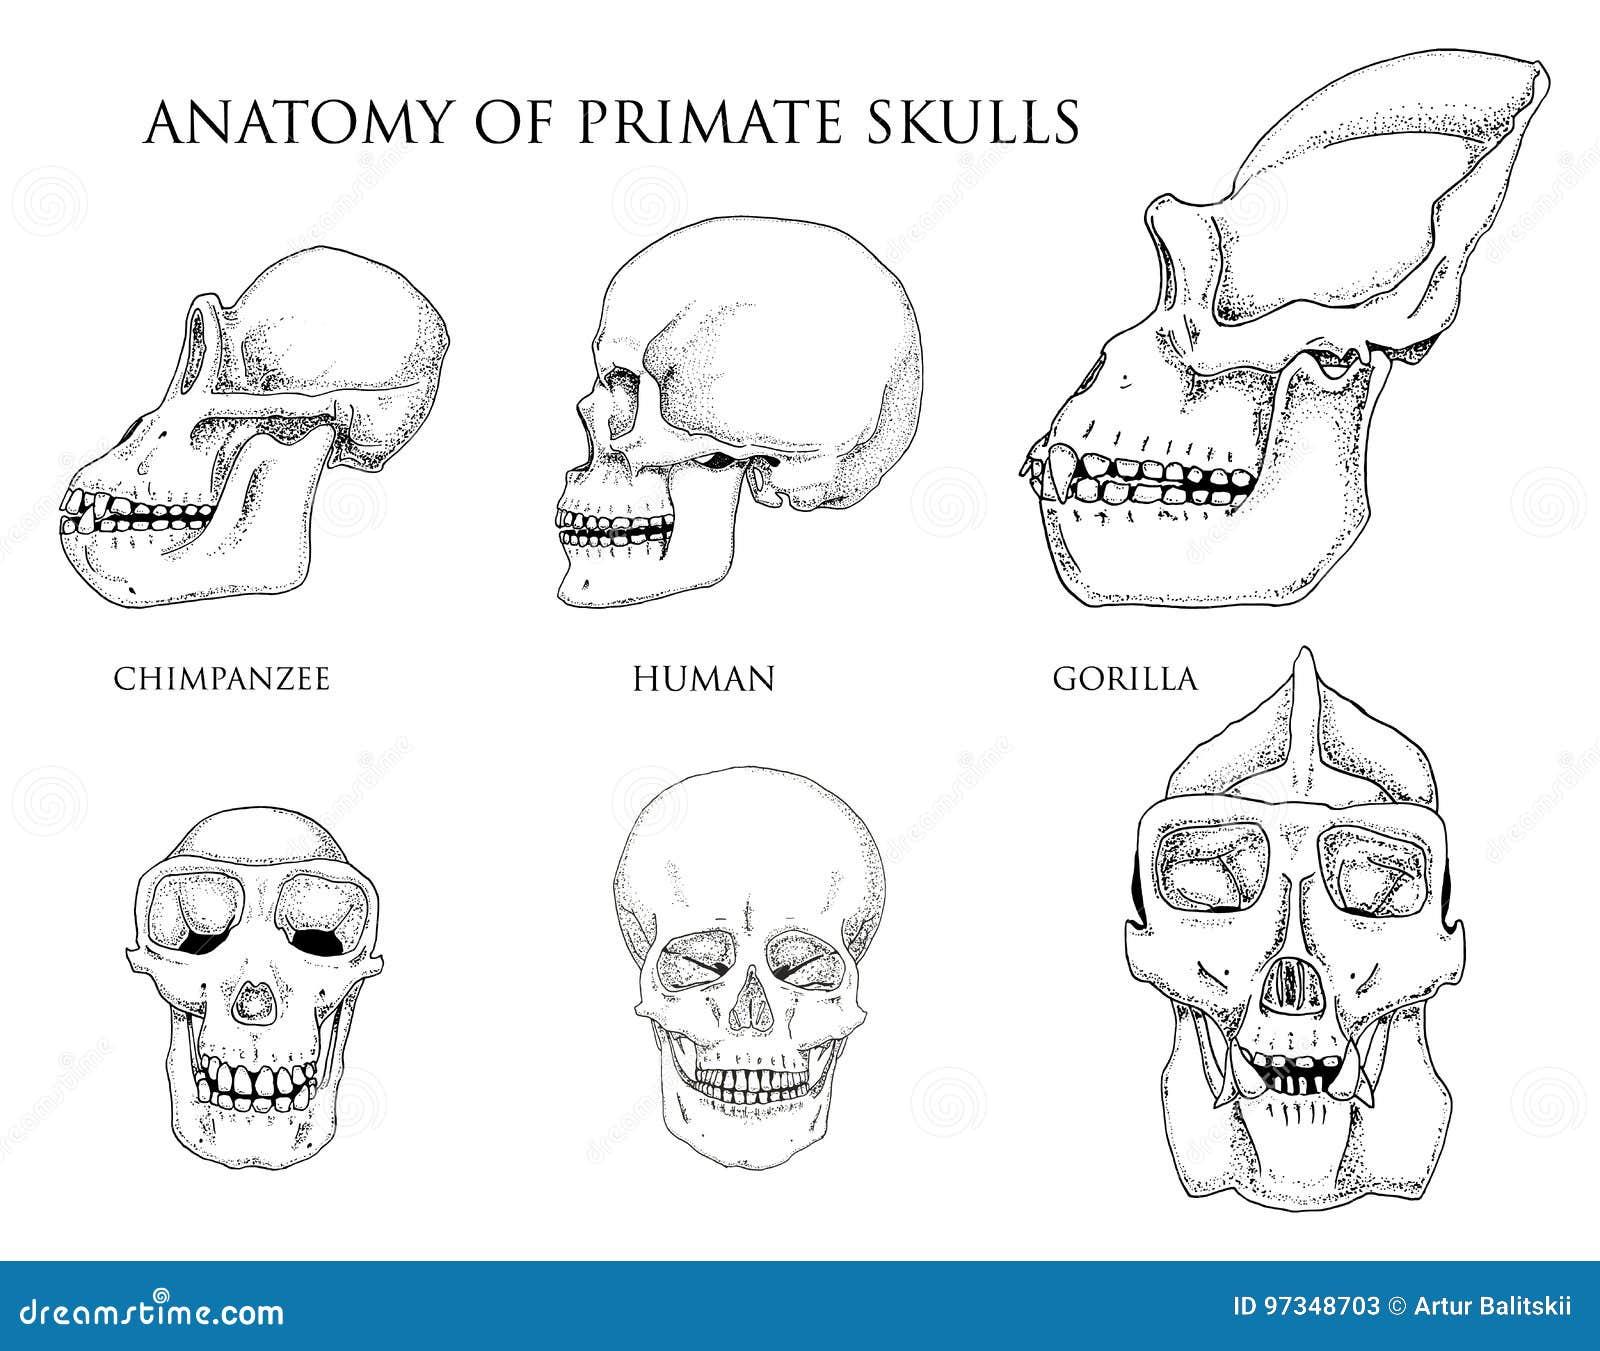 Human And Chimpanzee Gorilla Biology And Anatomy Illustration